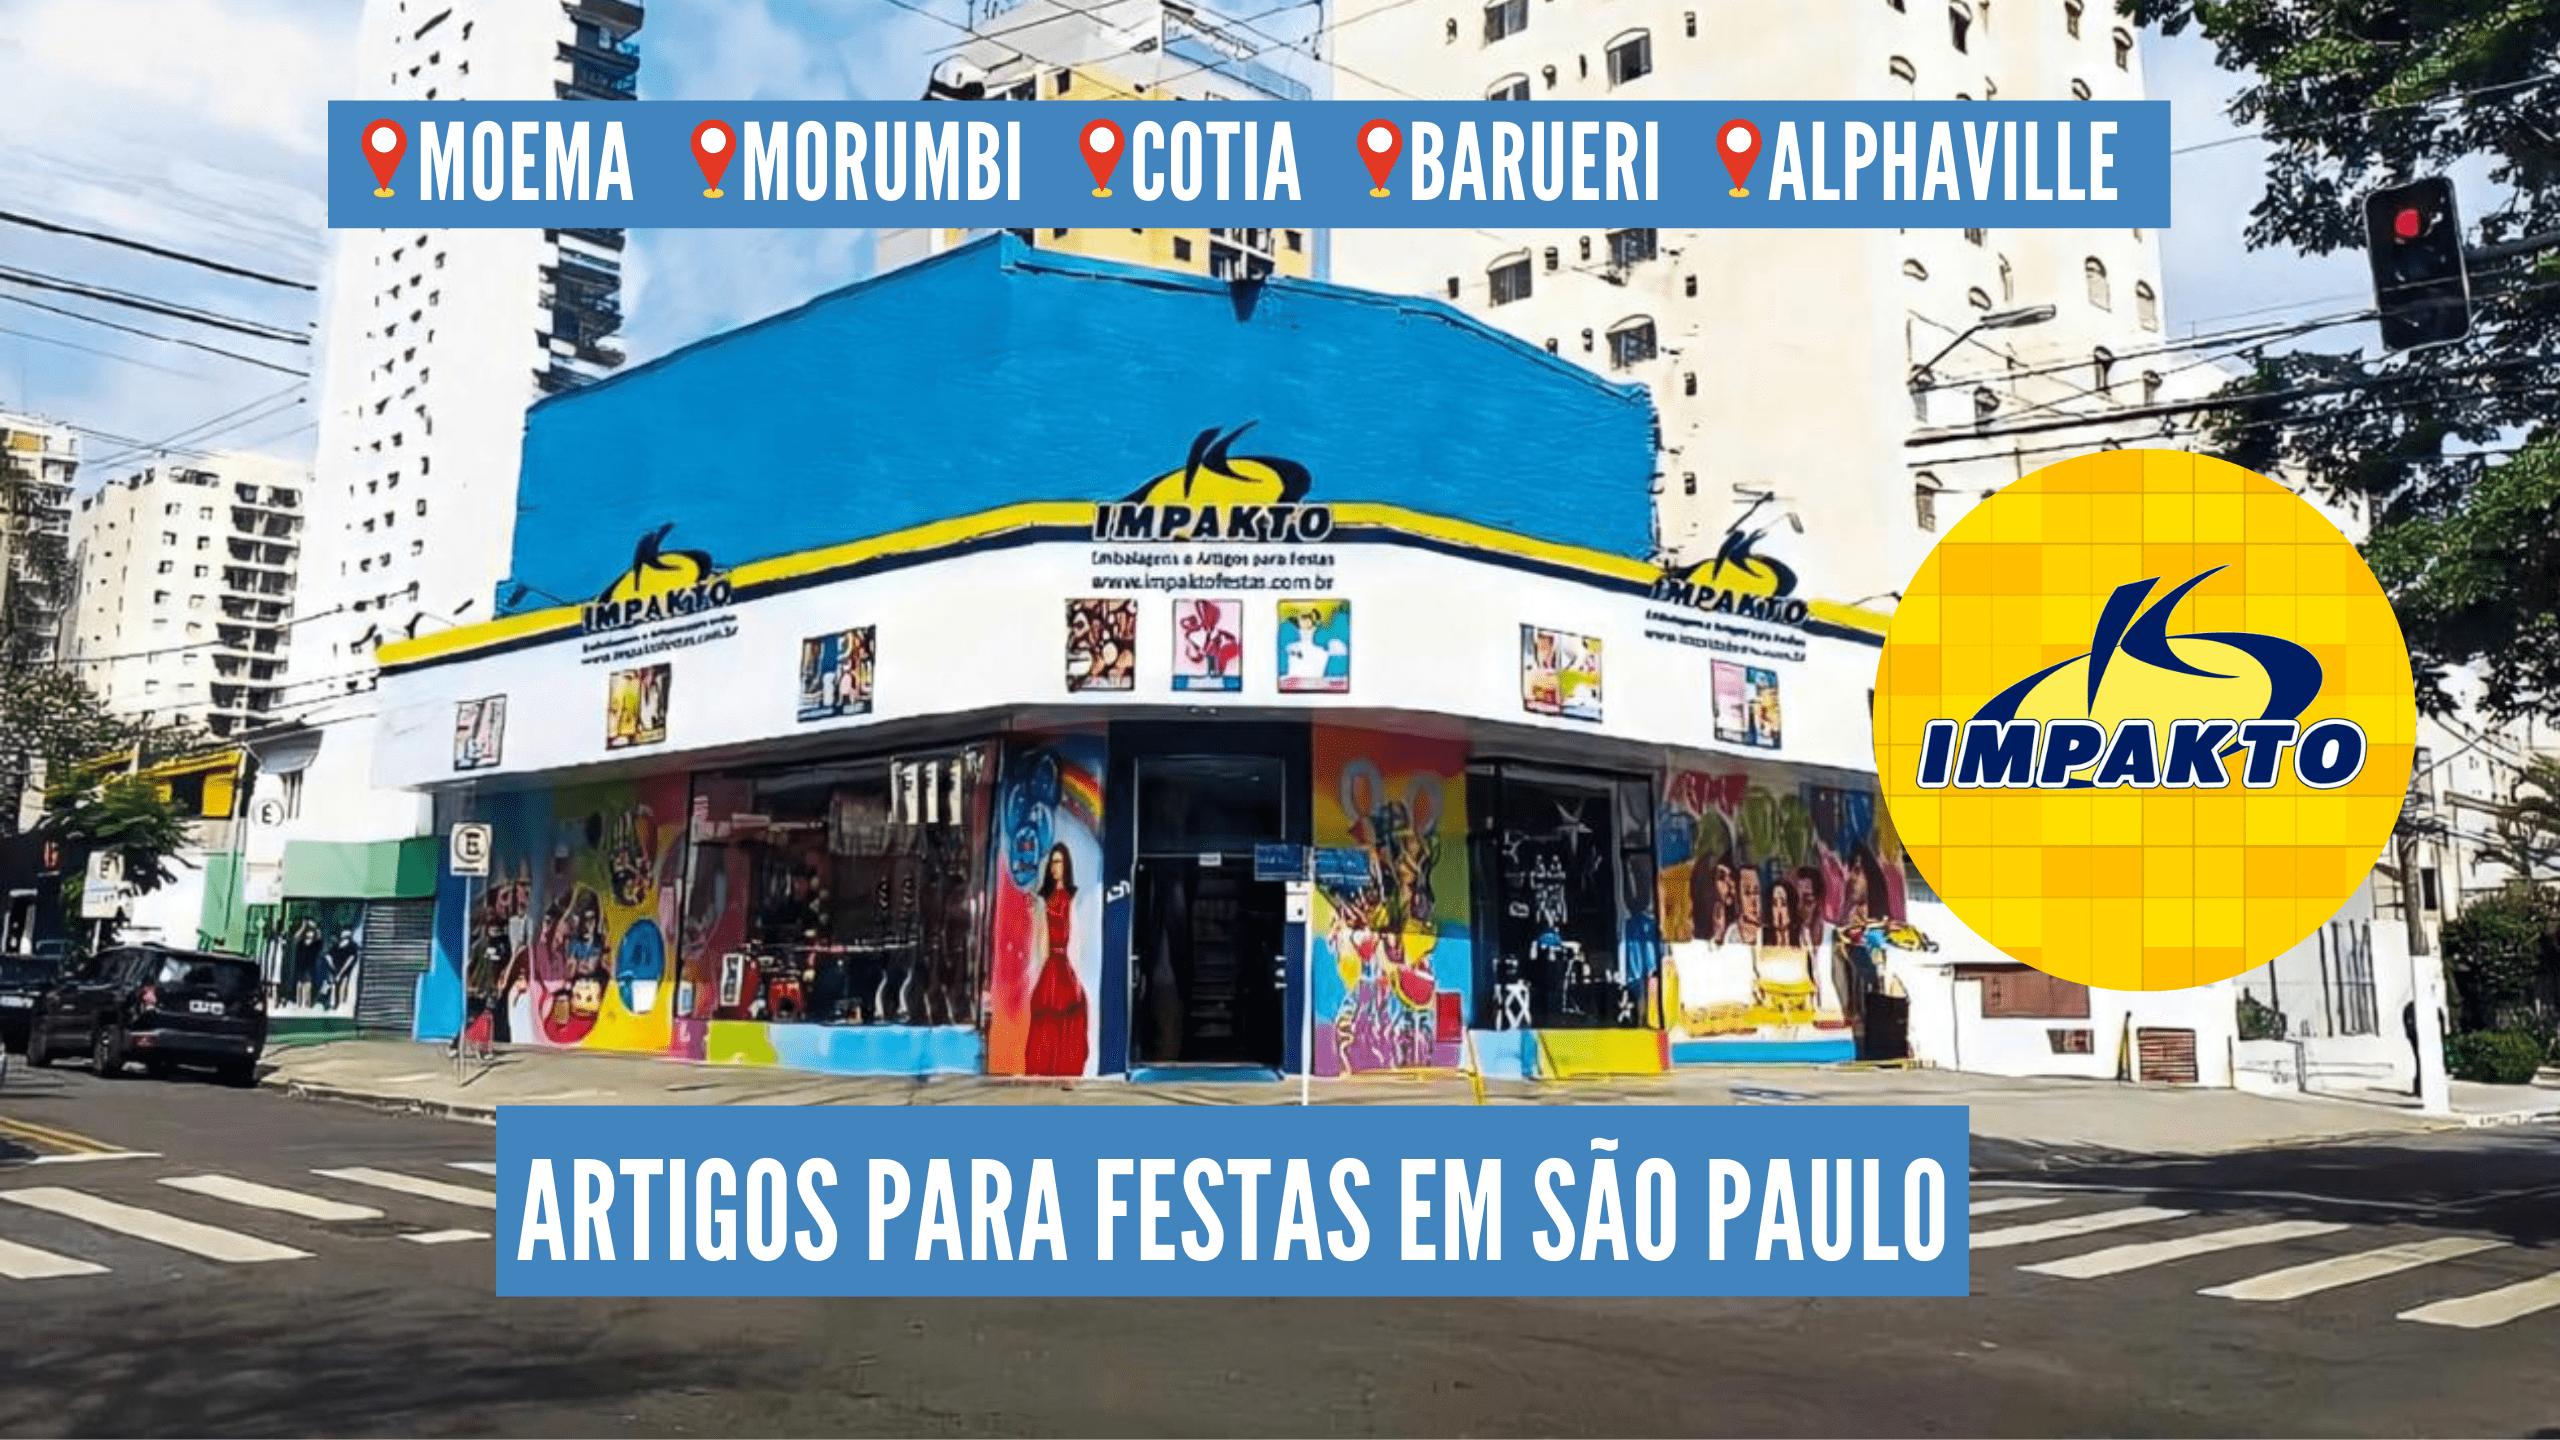 Impakto Festas – Loja de Artigos para Festas em São Paulo